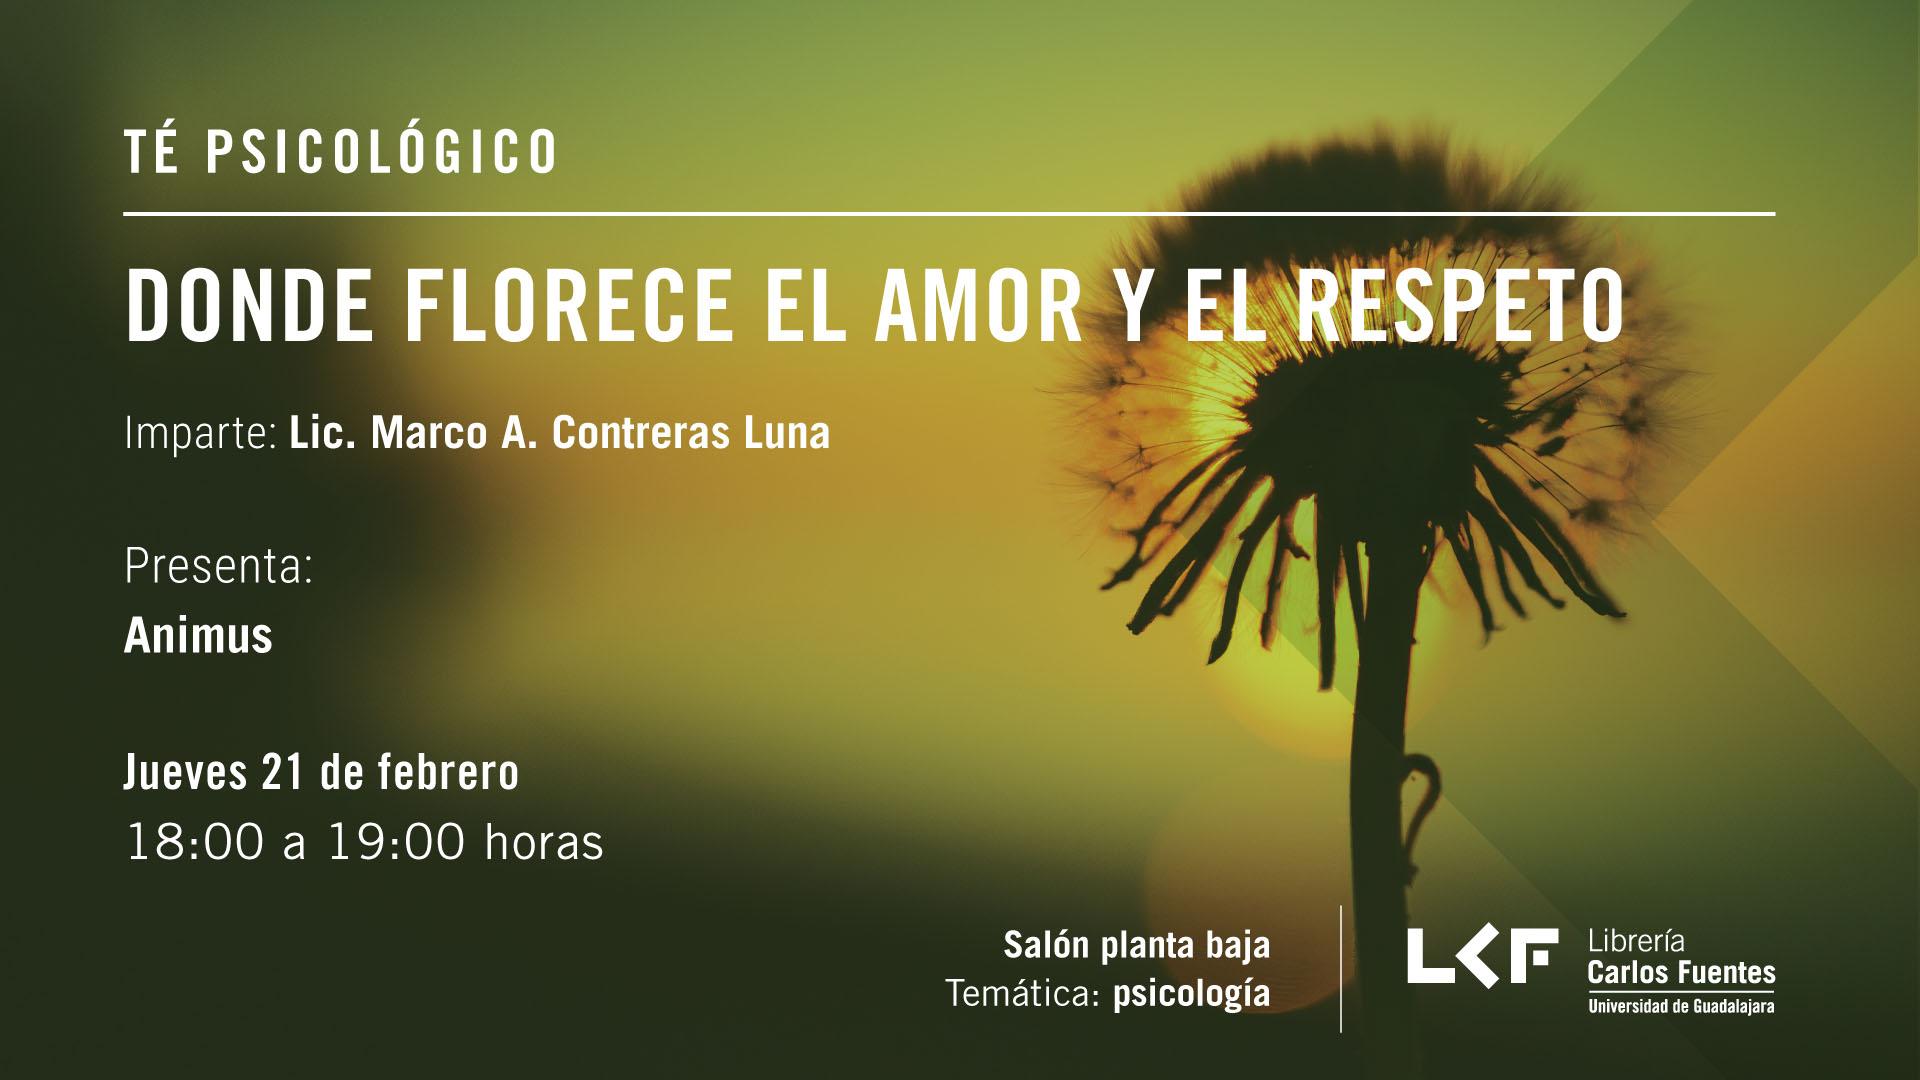 Cartel informativo sobre el Té psicológico: Donde florece el amor y el respeto, el  21 de febrero, de 18:00 a 19:00 h. en el Salón planta baja, Librería Carlos Fuentes.